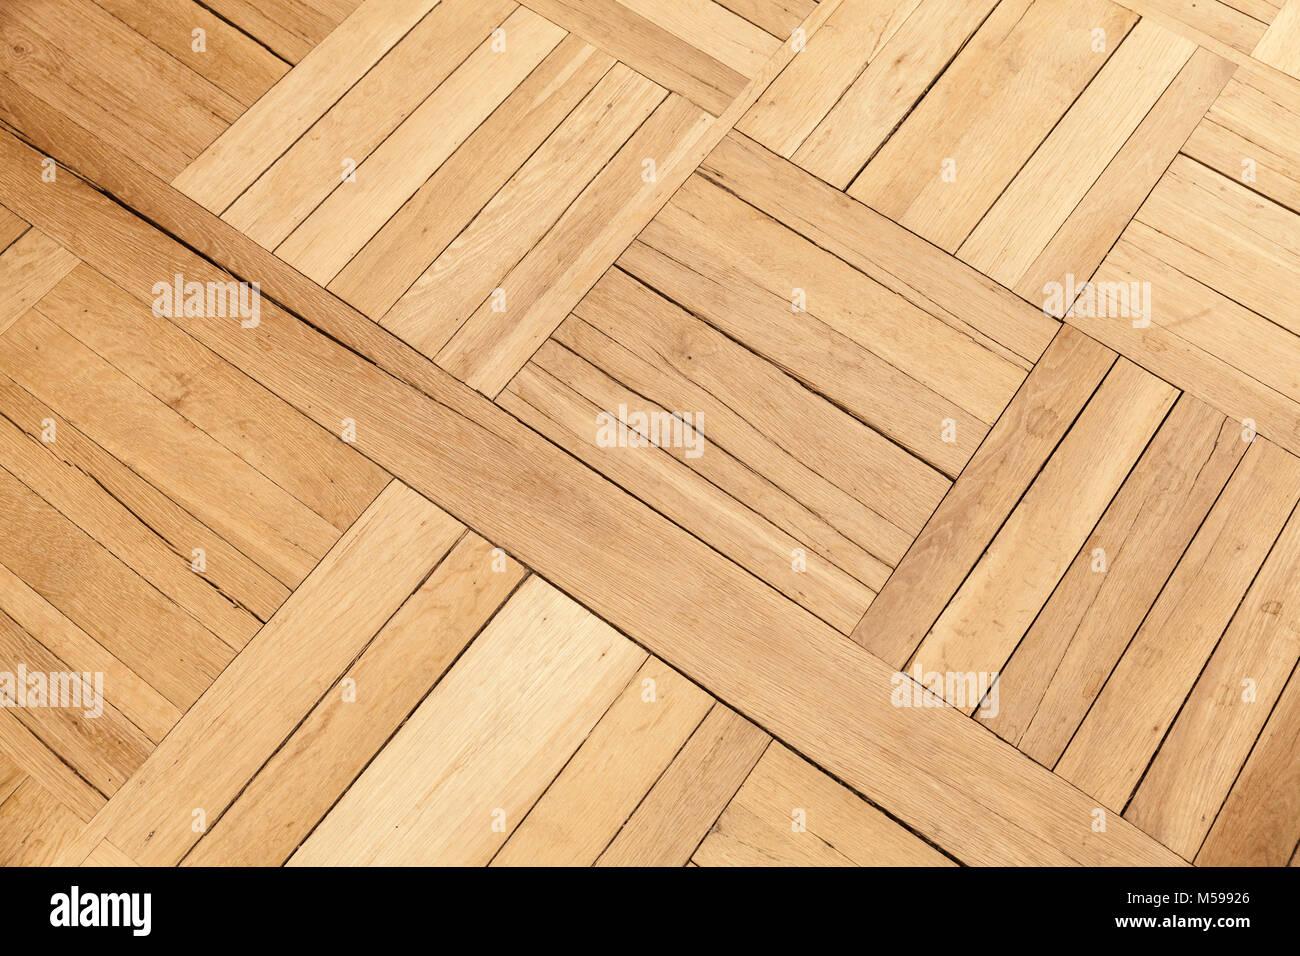 Legno di quercia parquet con quadrato geometrico piastrelle